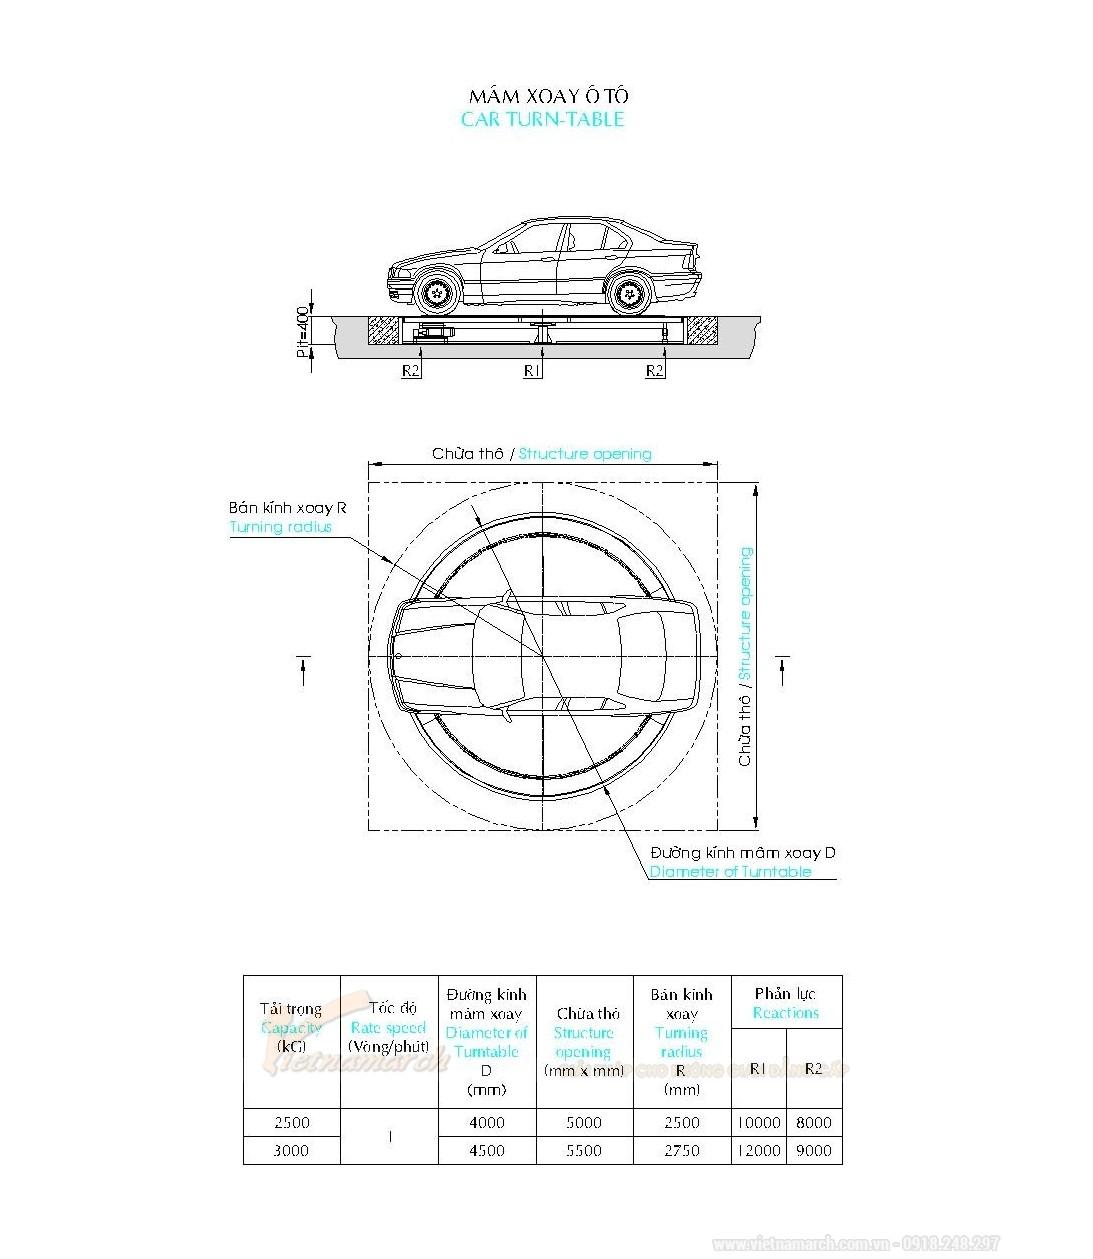 Bản vẽ thiết kế bàn xoay ô tô